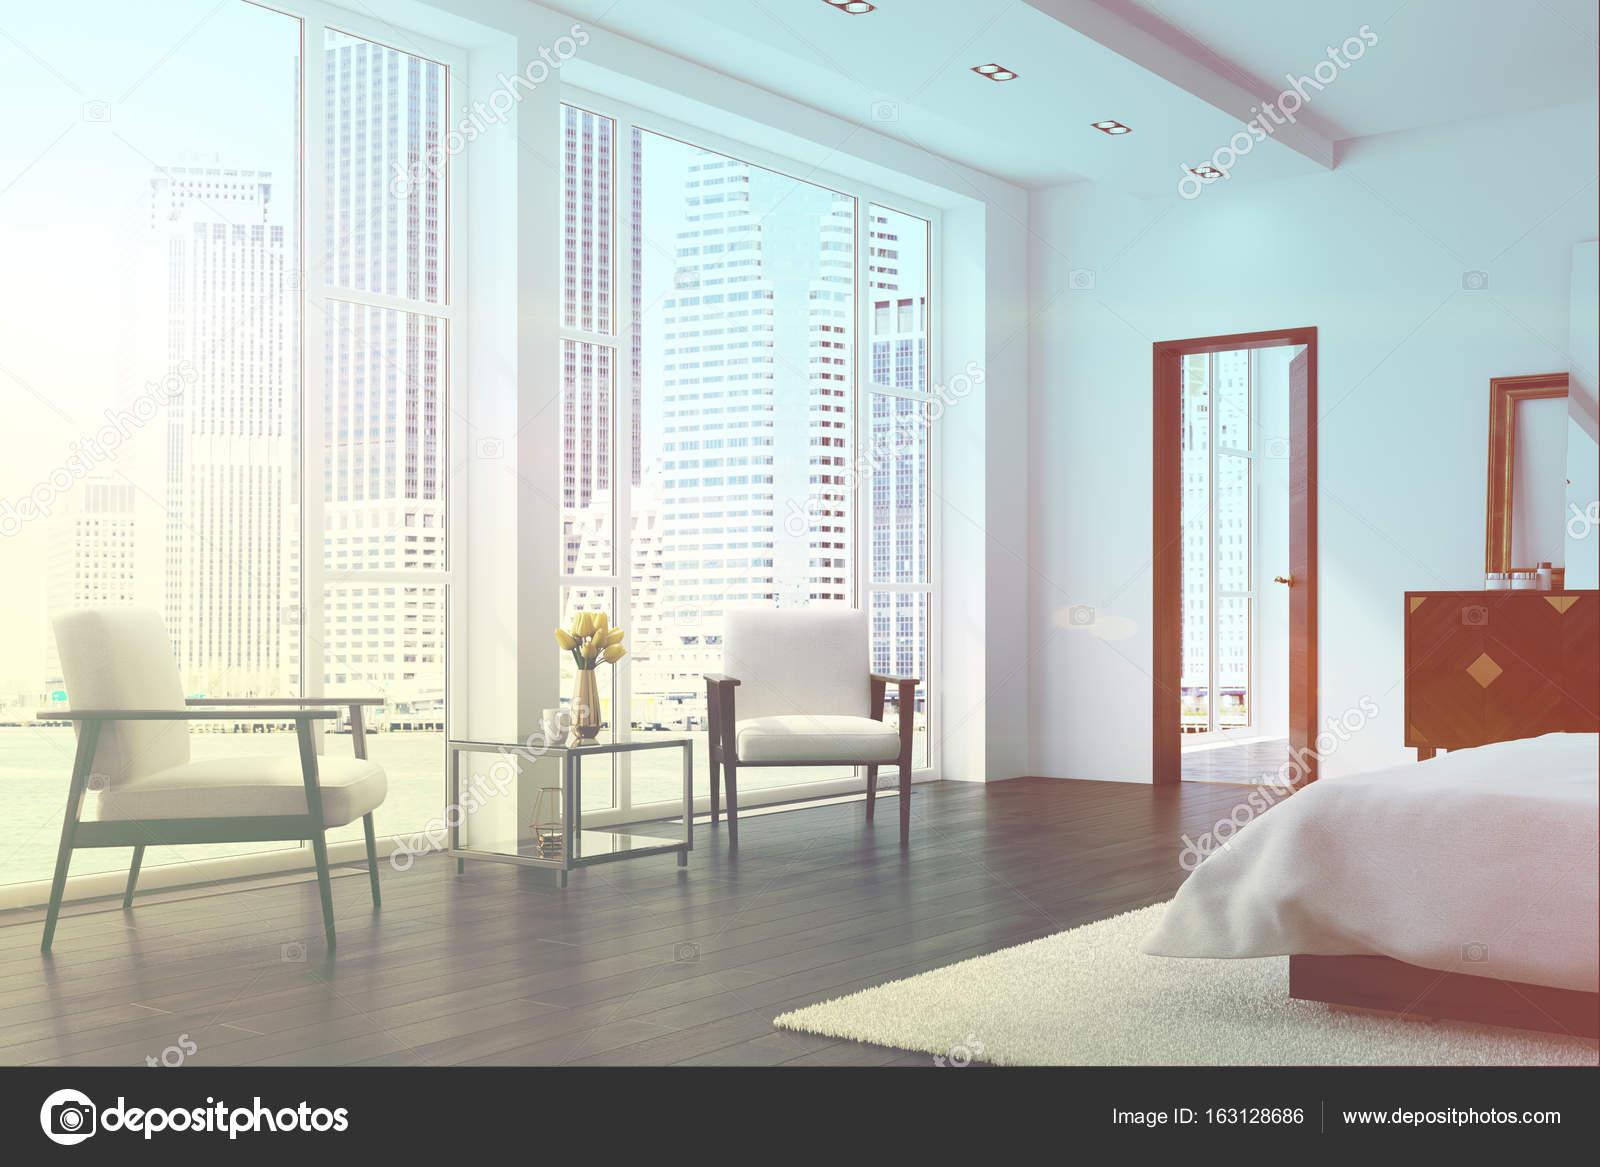 Weißes Schlafzimmer mit zwei Sesseln, getönt — Stockfoto ...